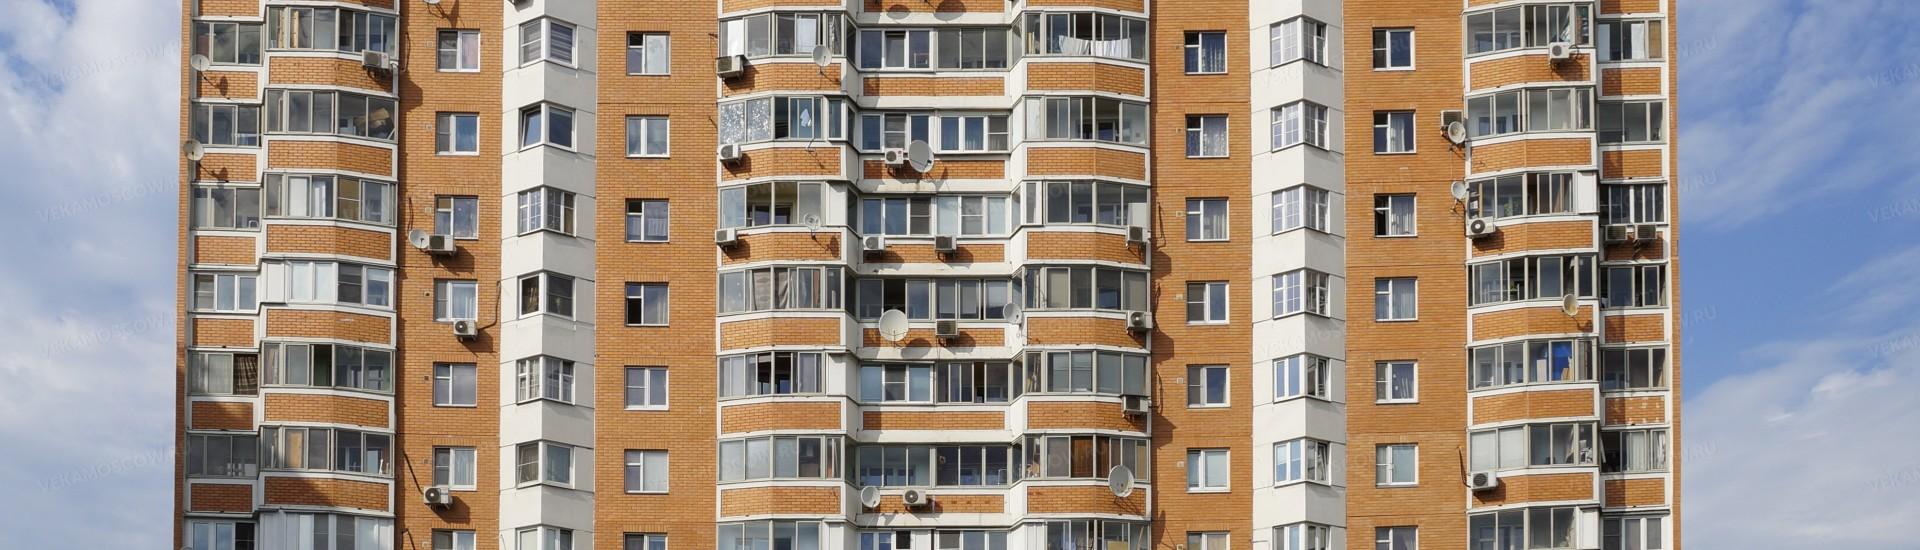 Варианты перепланировок квартир серии П-44 | 550x1920